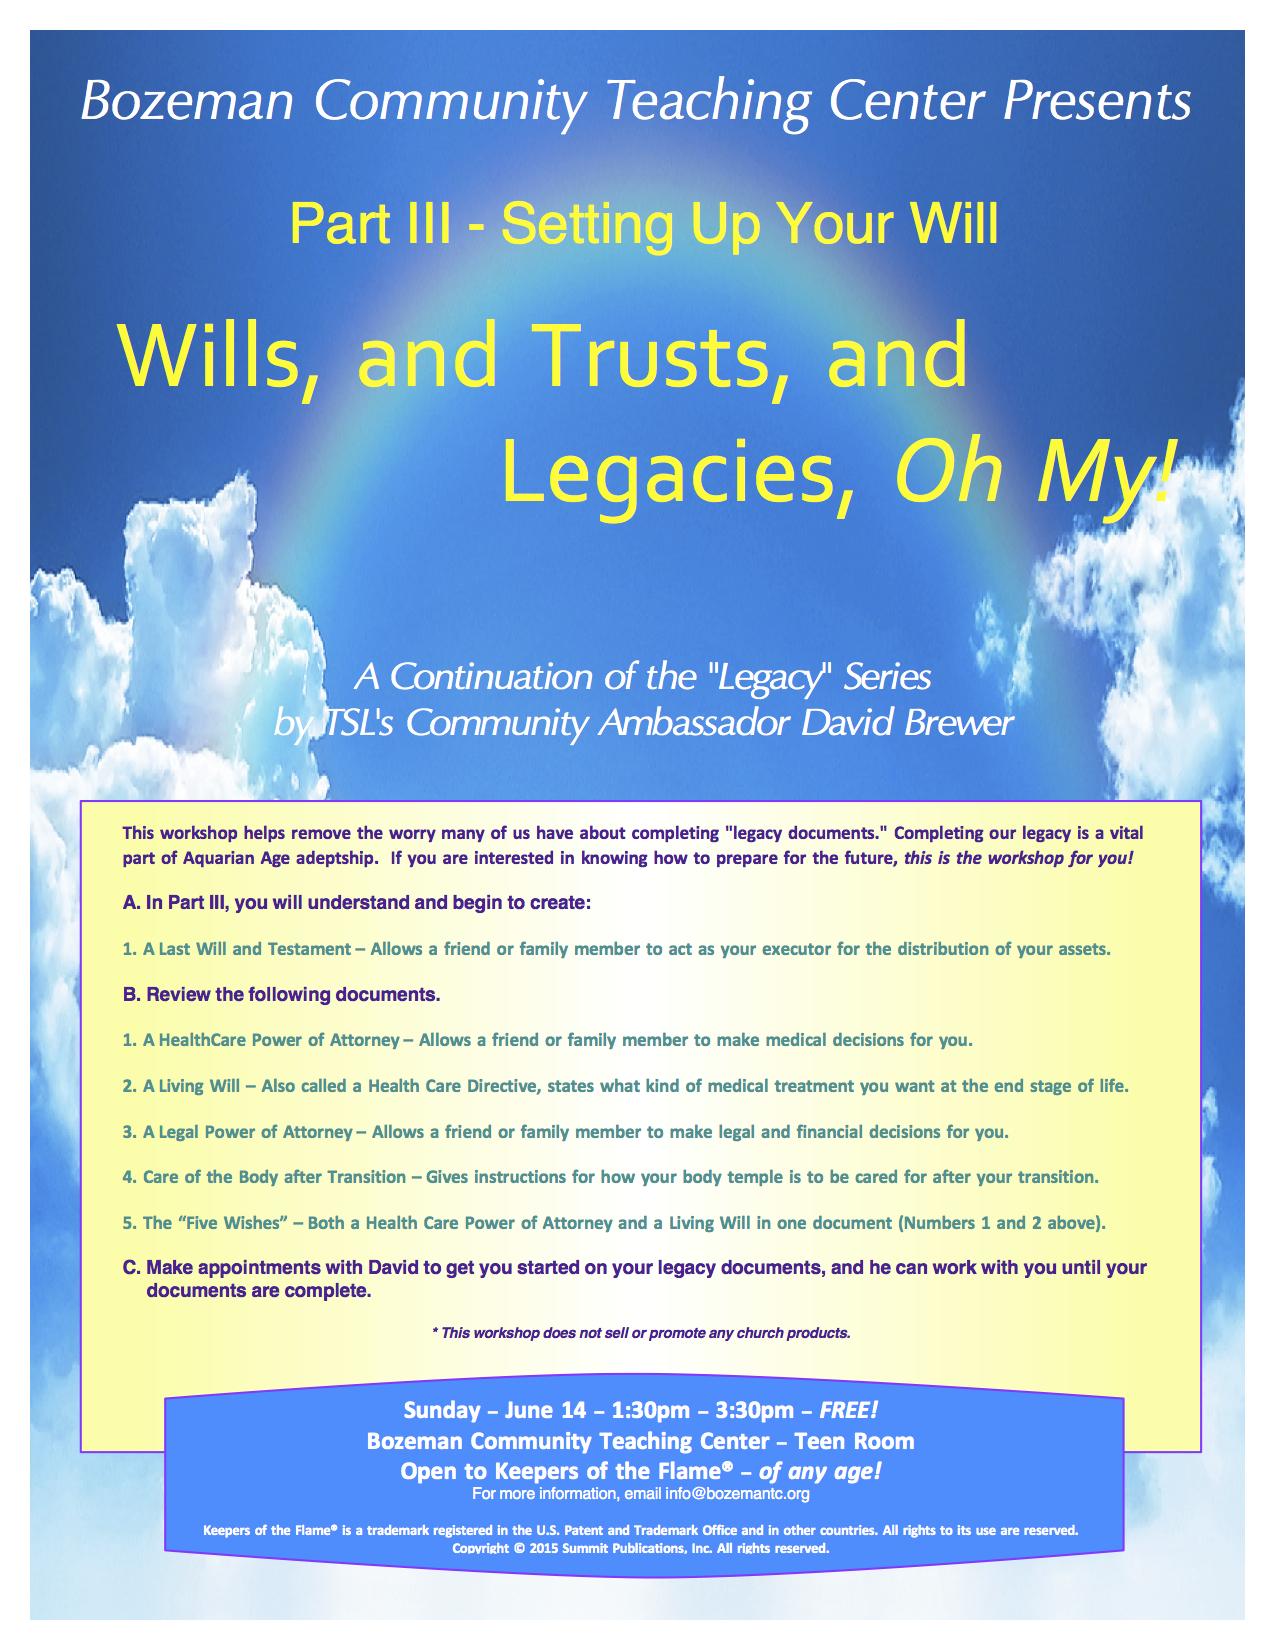 Part III - Wills